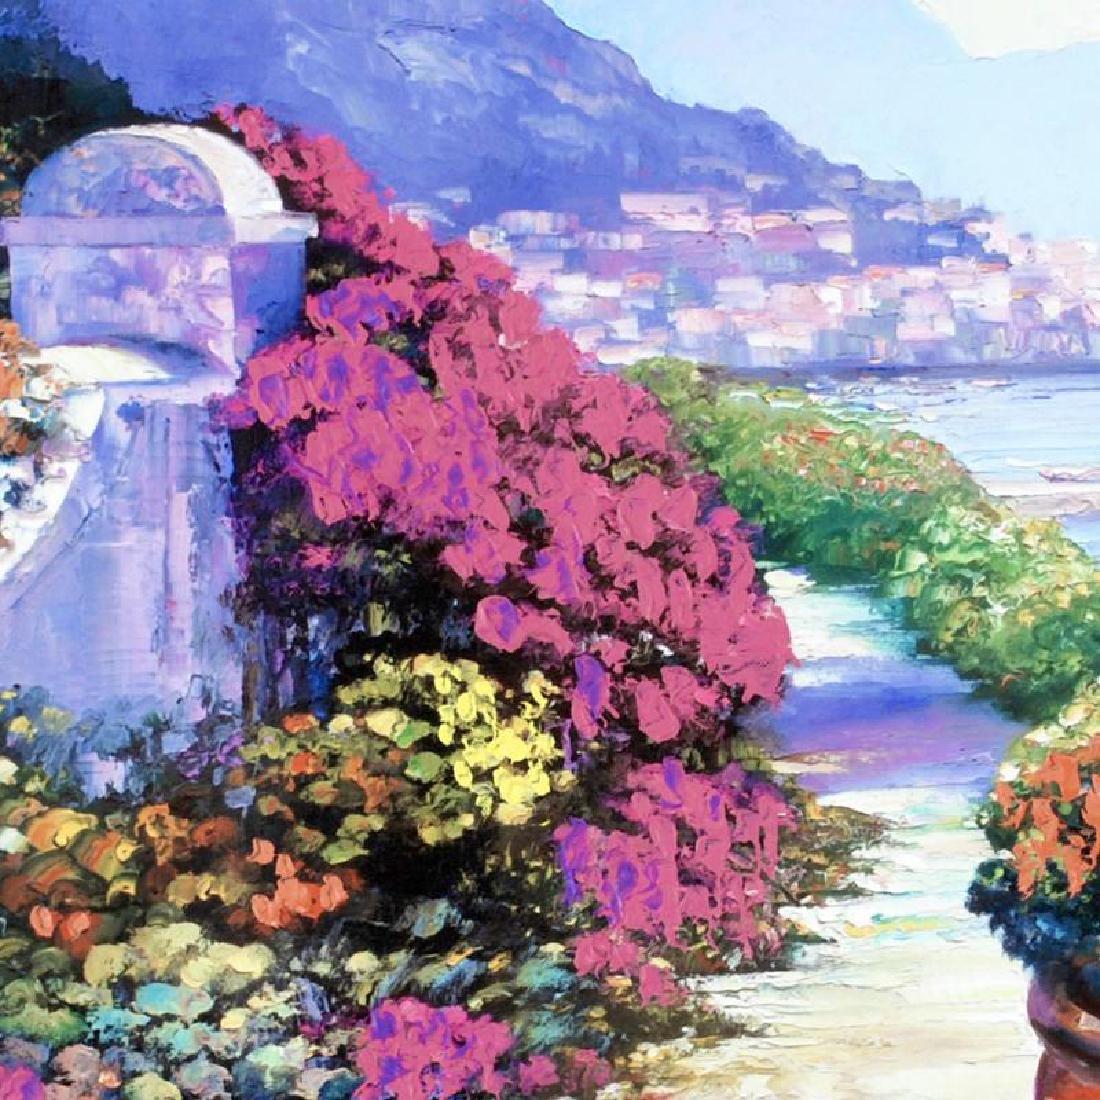 Near Amalfi by Behrens (1933-2014) - 2